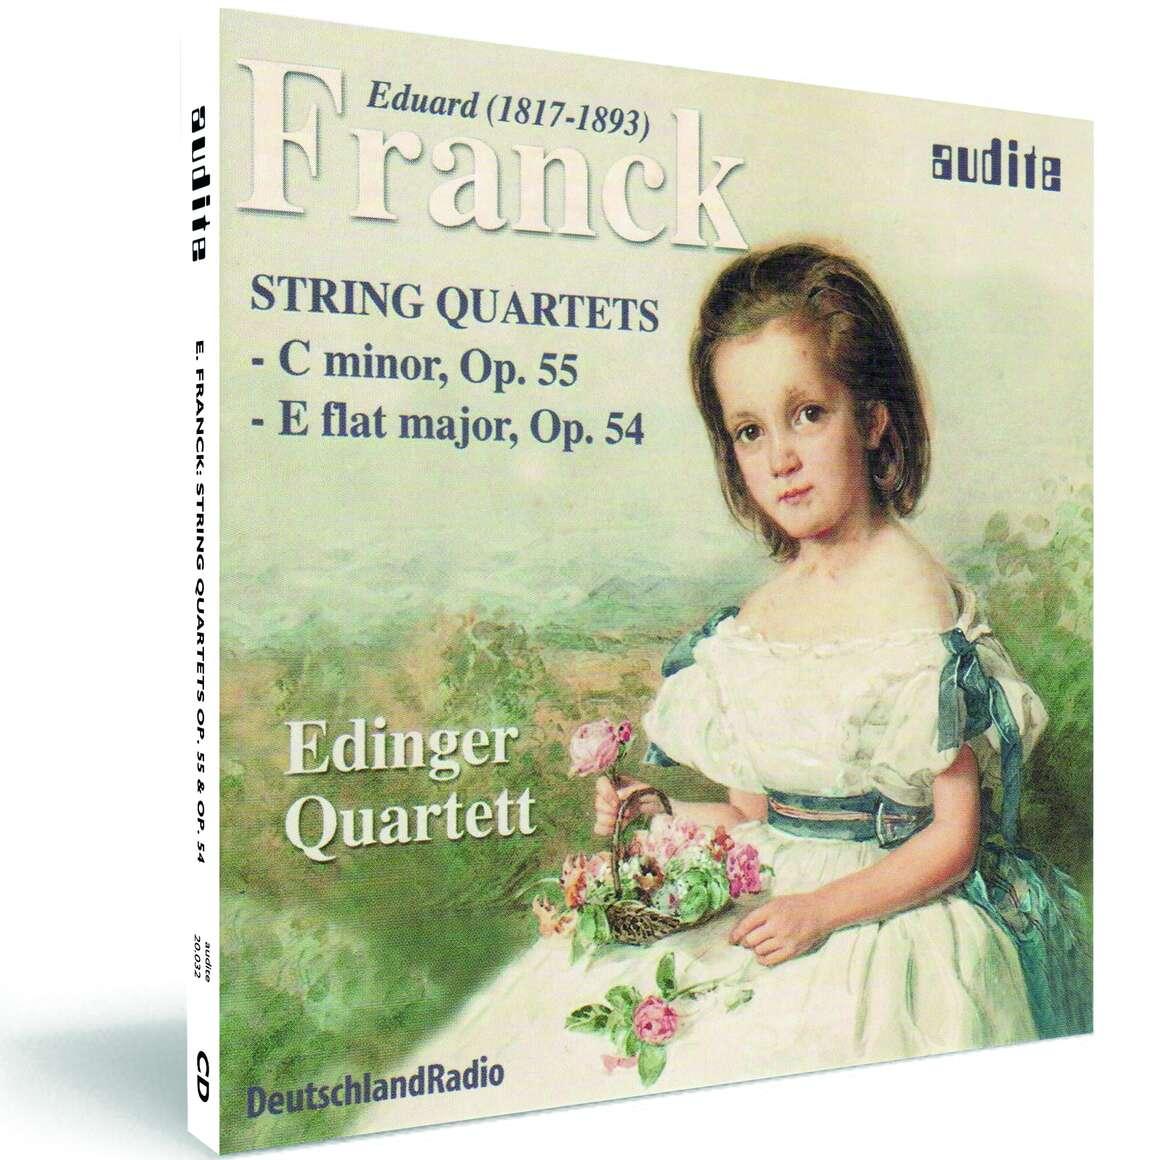 E. Franck: String Quartets